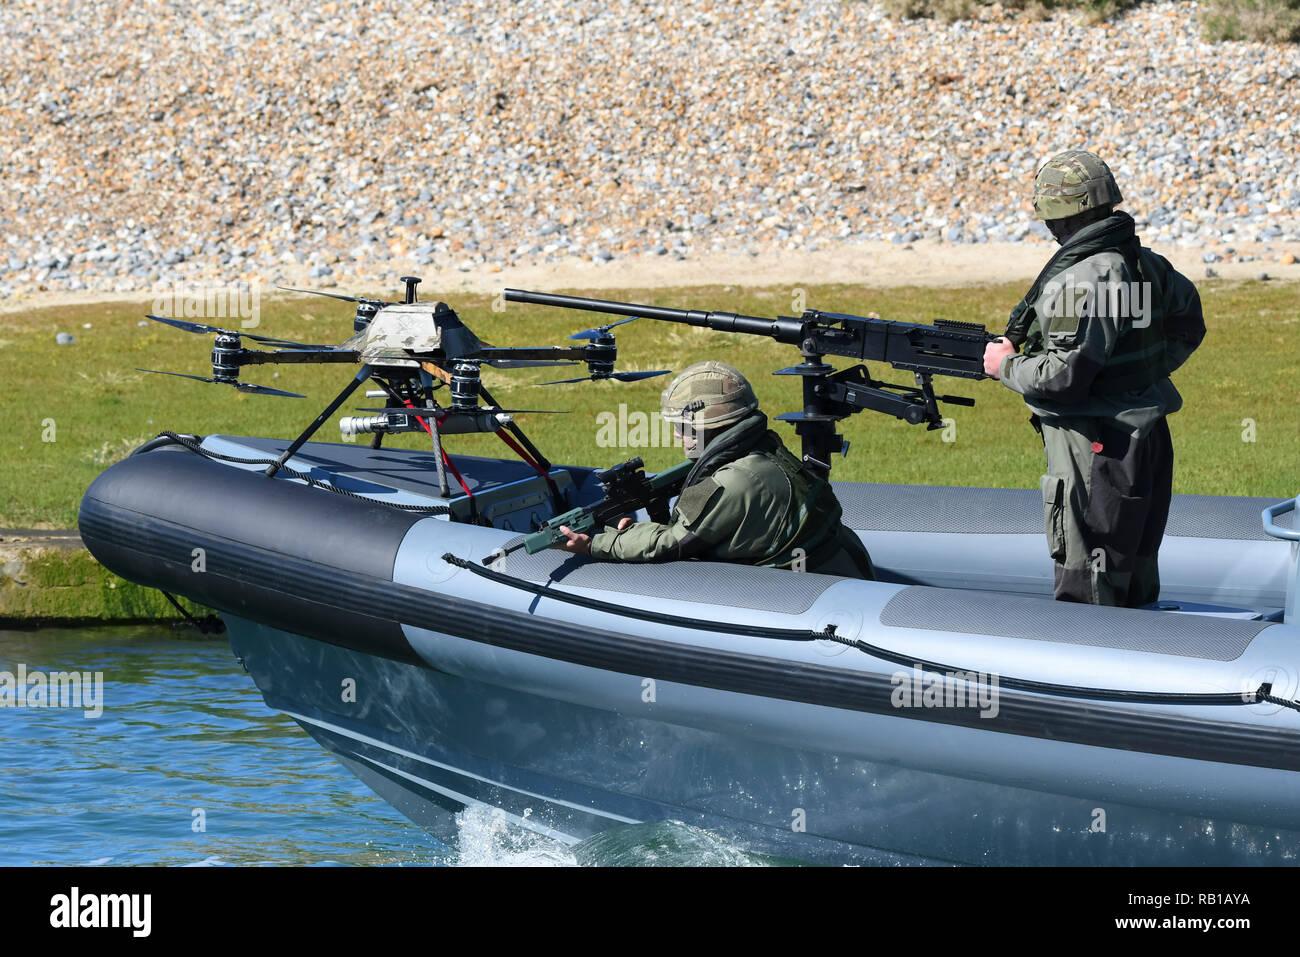 Equipado con un barco militar de combate militar zumbido ensayando en un río en el Reino Unido. El barco fue diseñado por Mike Powercraft anillo de anillo. Imagen De Stock